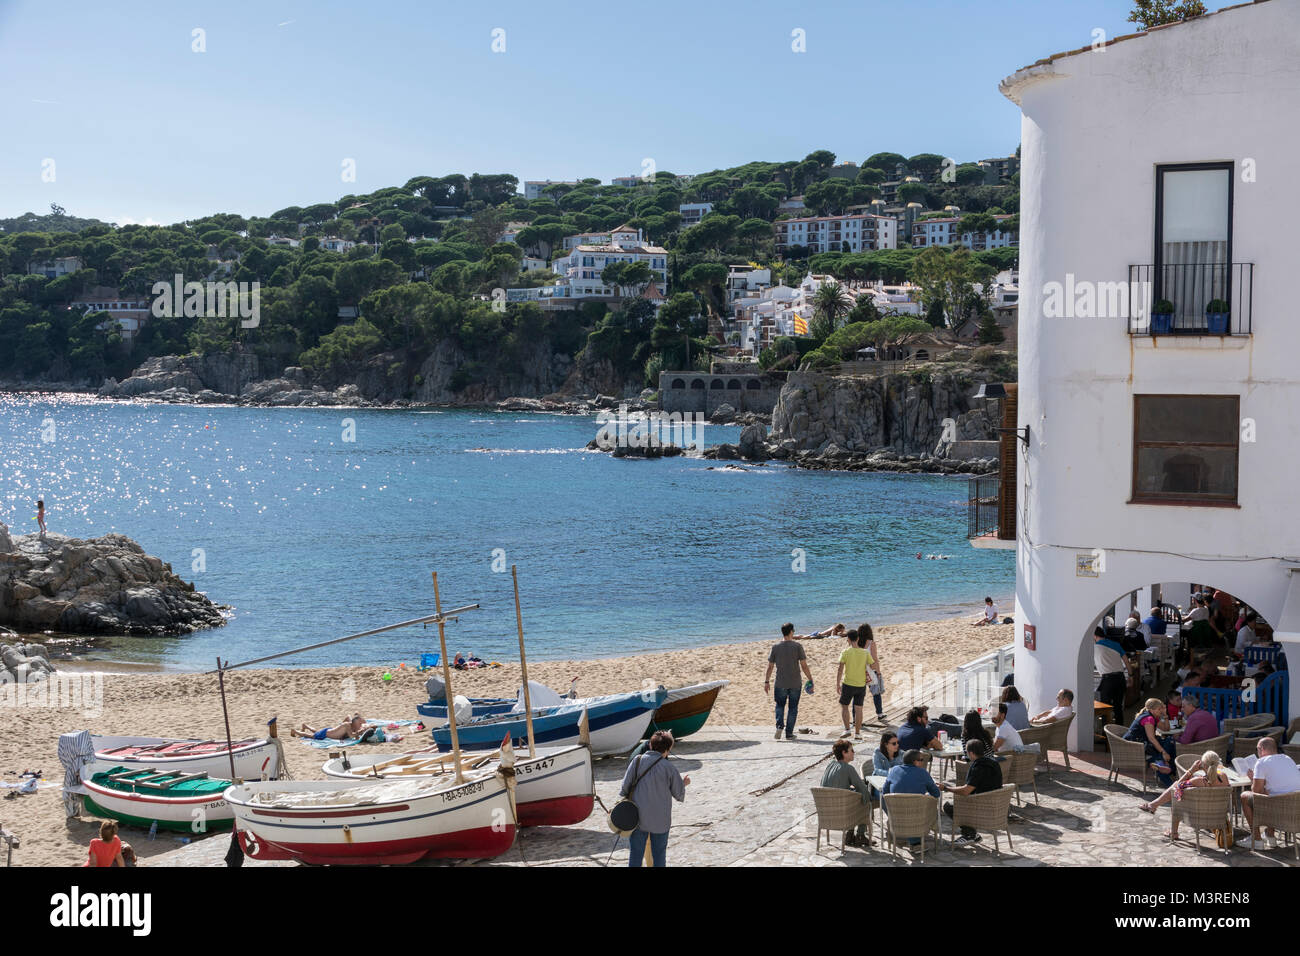 Blick auf den Strand von Calella de Palafrugell an der Costa Brava - Stock Image